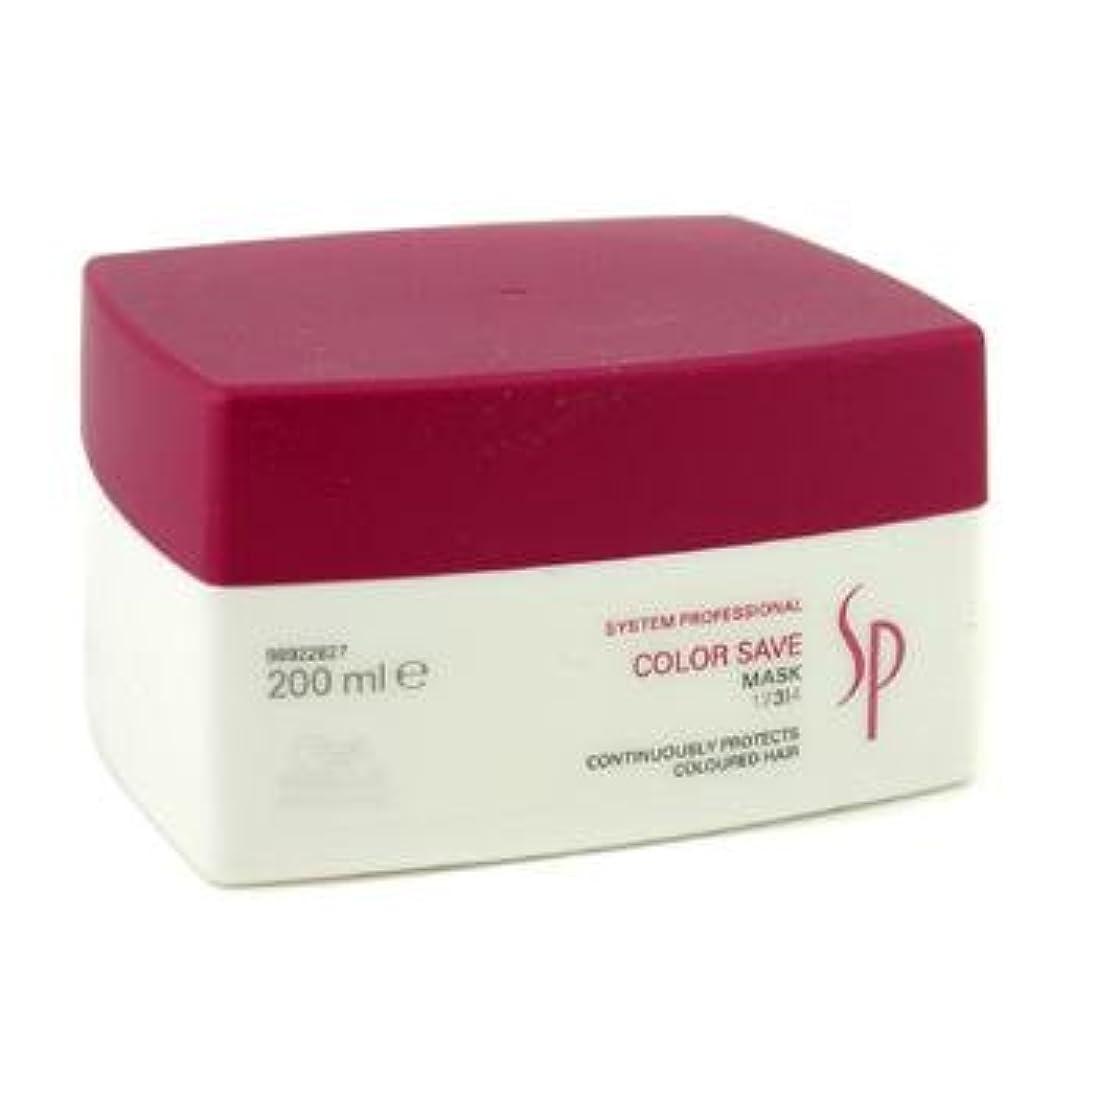 文字通り電球グレートオーク[Wella] SP Color Save Mask ( For Coloured Hair ) 200ml/6.67oz[並行輸入品] [並行輸入品]